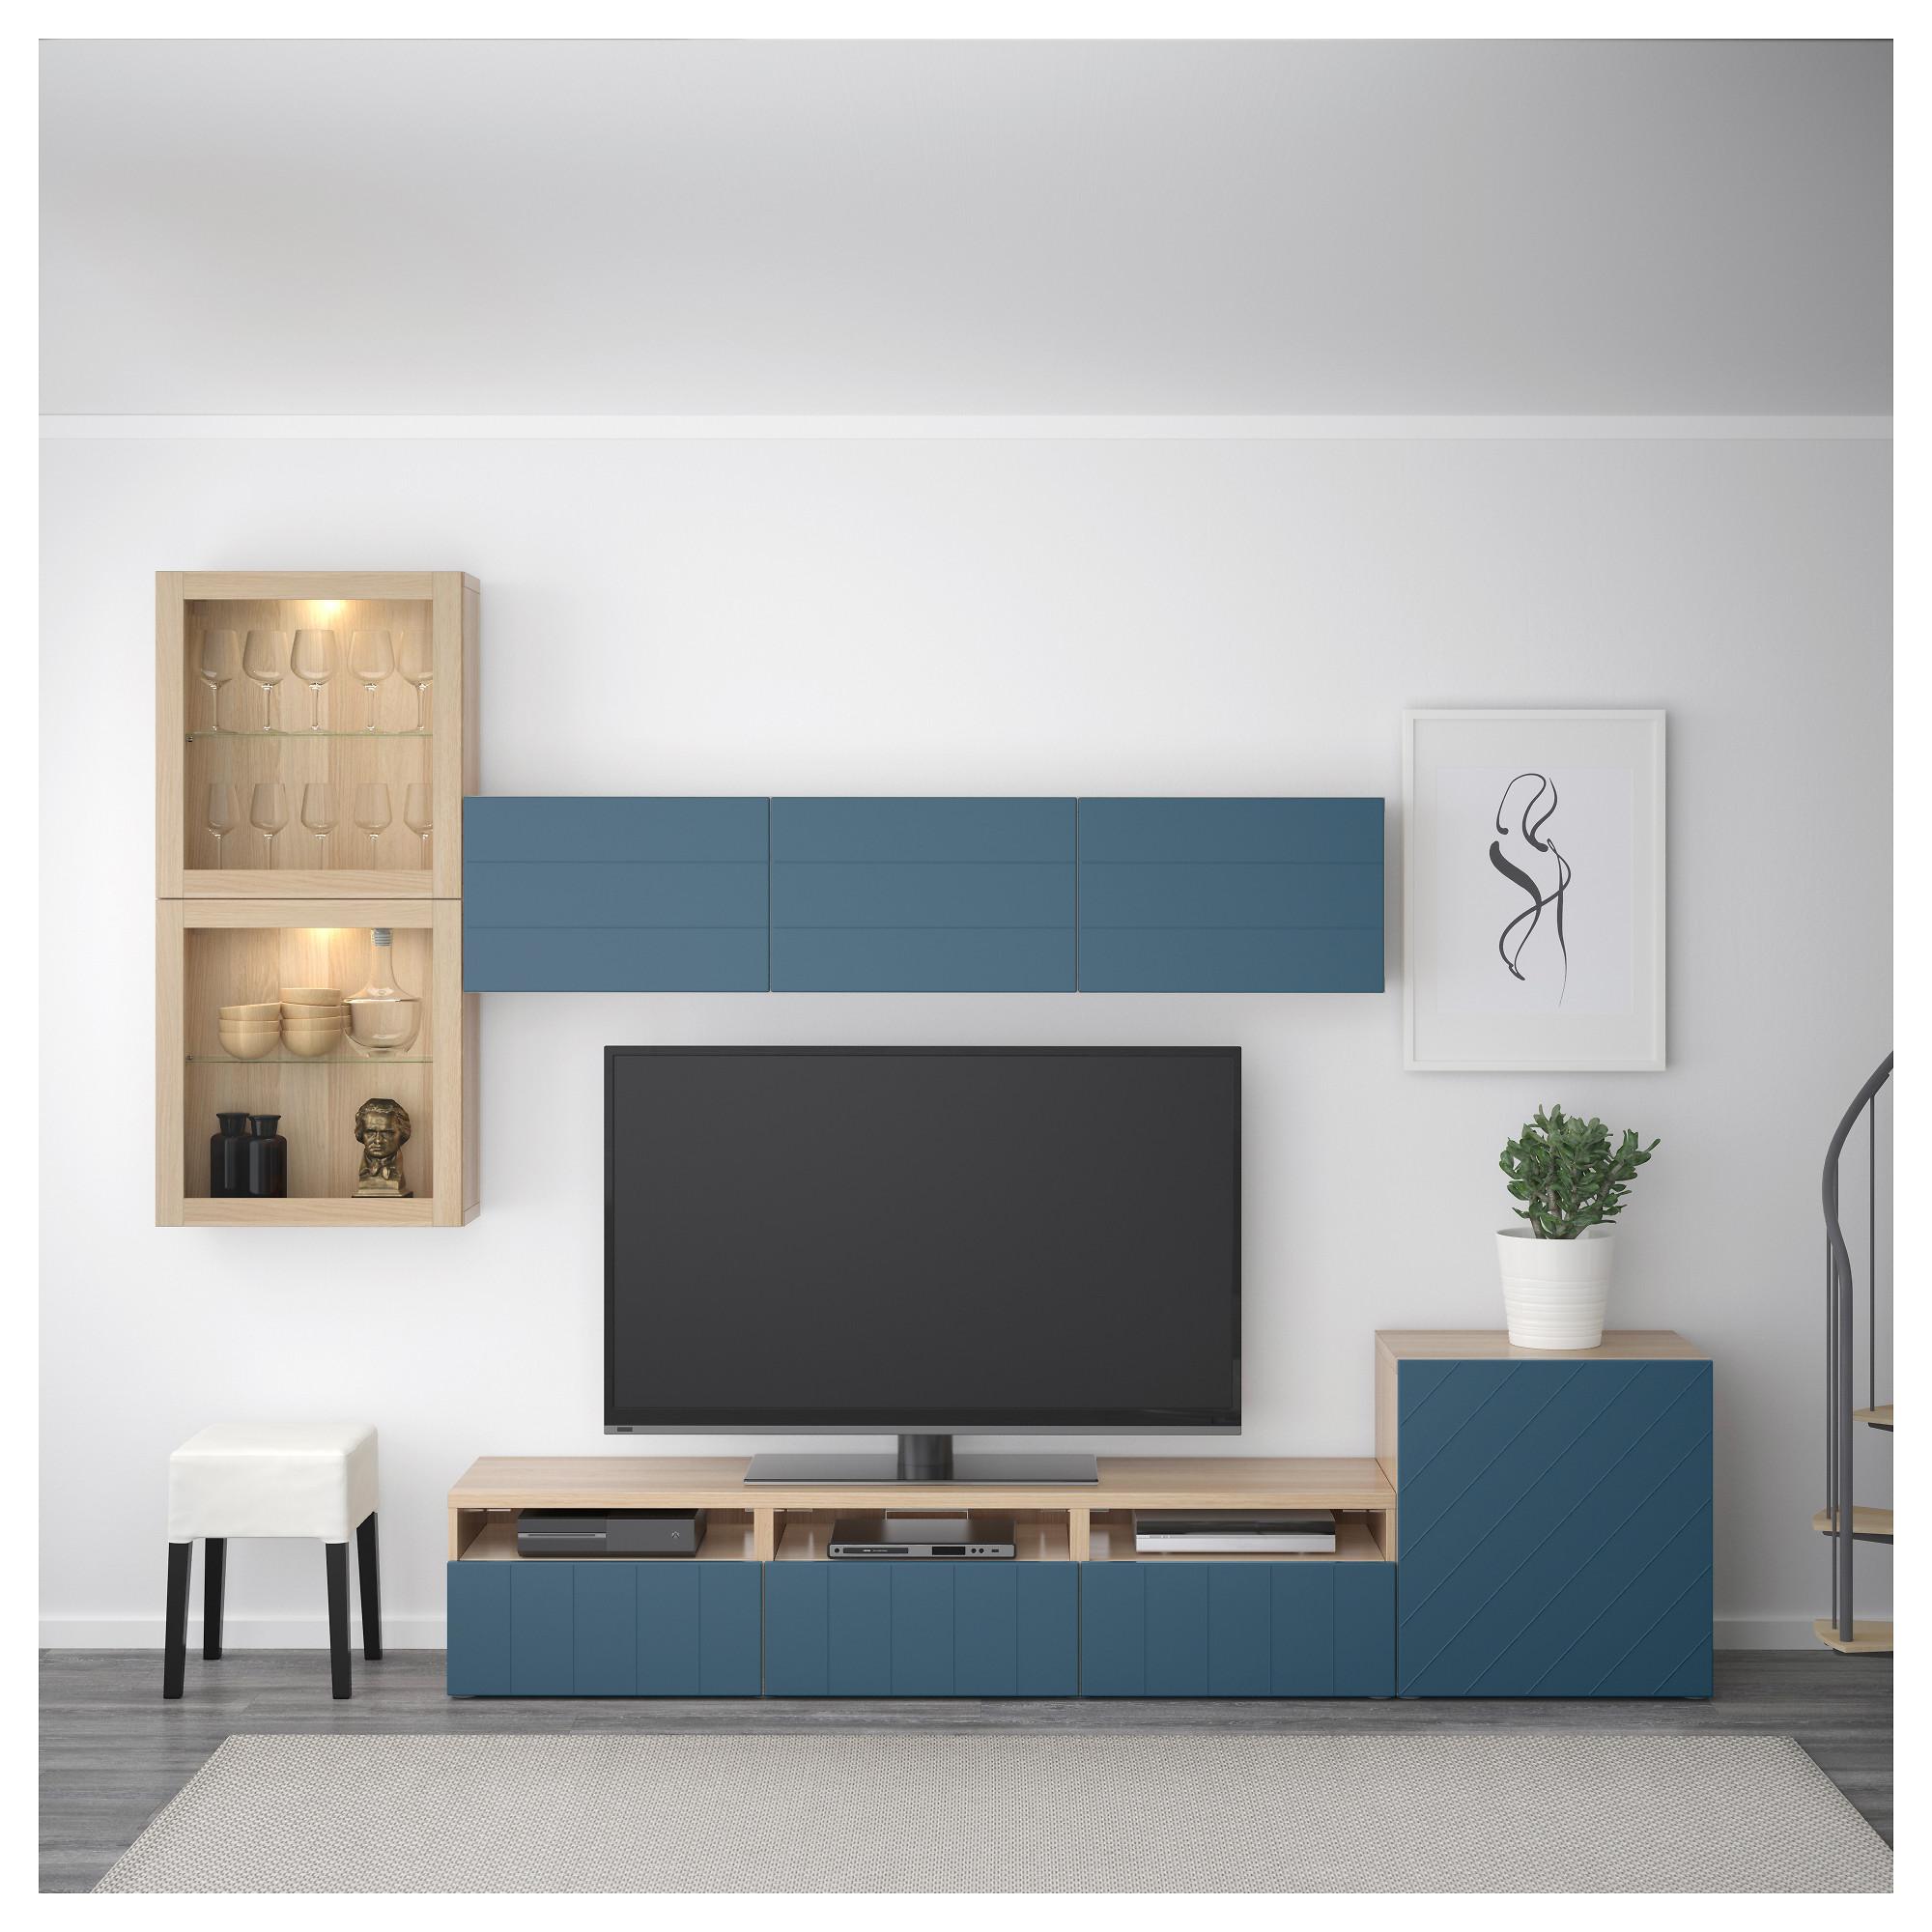 Шкаф для ТВ, комбинированный, стекляные дверцы БЕСТО темно-синий артикуль № 292.761.35 в наличии. Интернет магазин IKEA Республика Беларусь. Недорогая доставка и соборка.